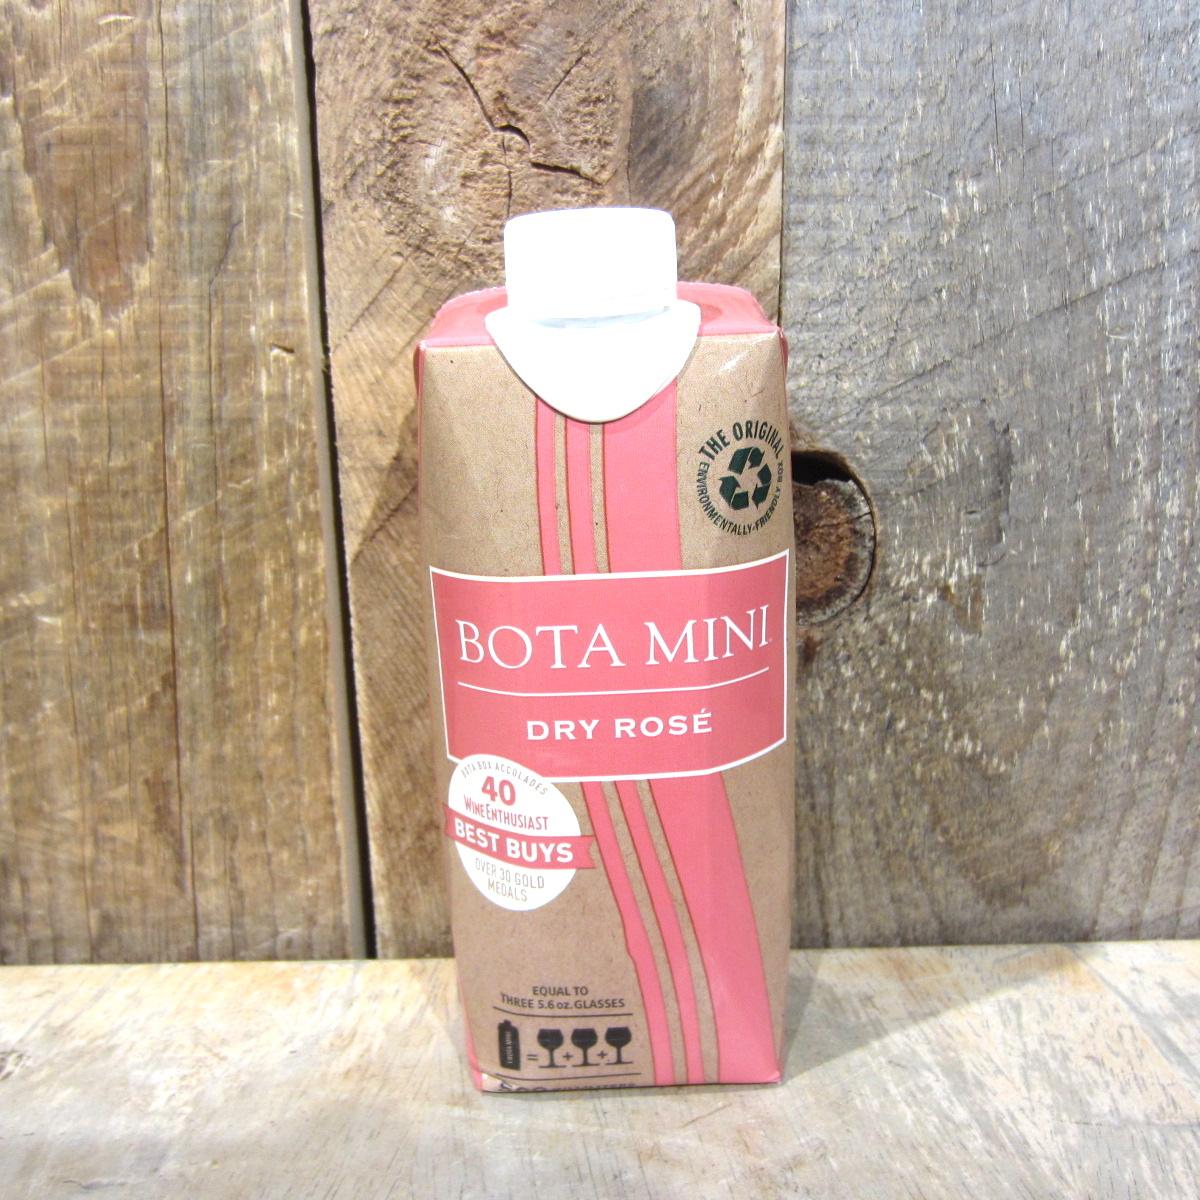 Bota Box Mini Rose Box 500ml